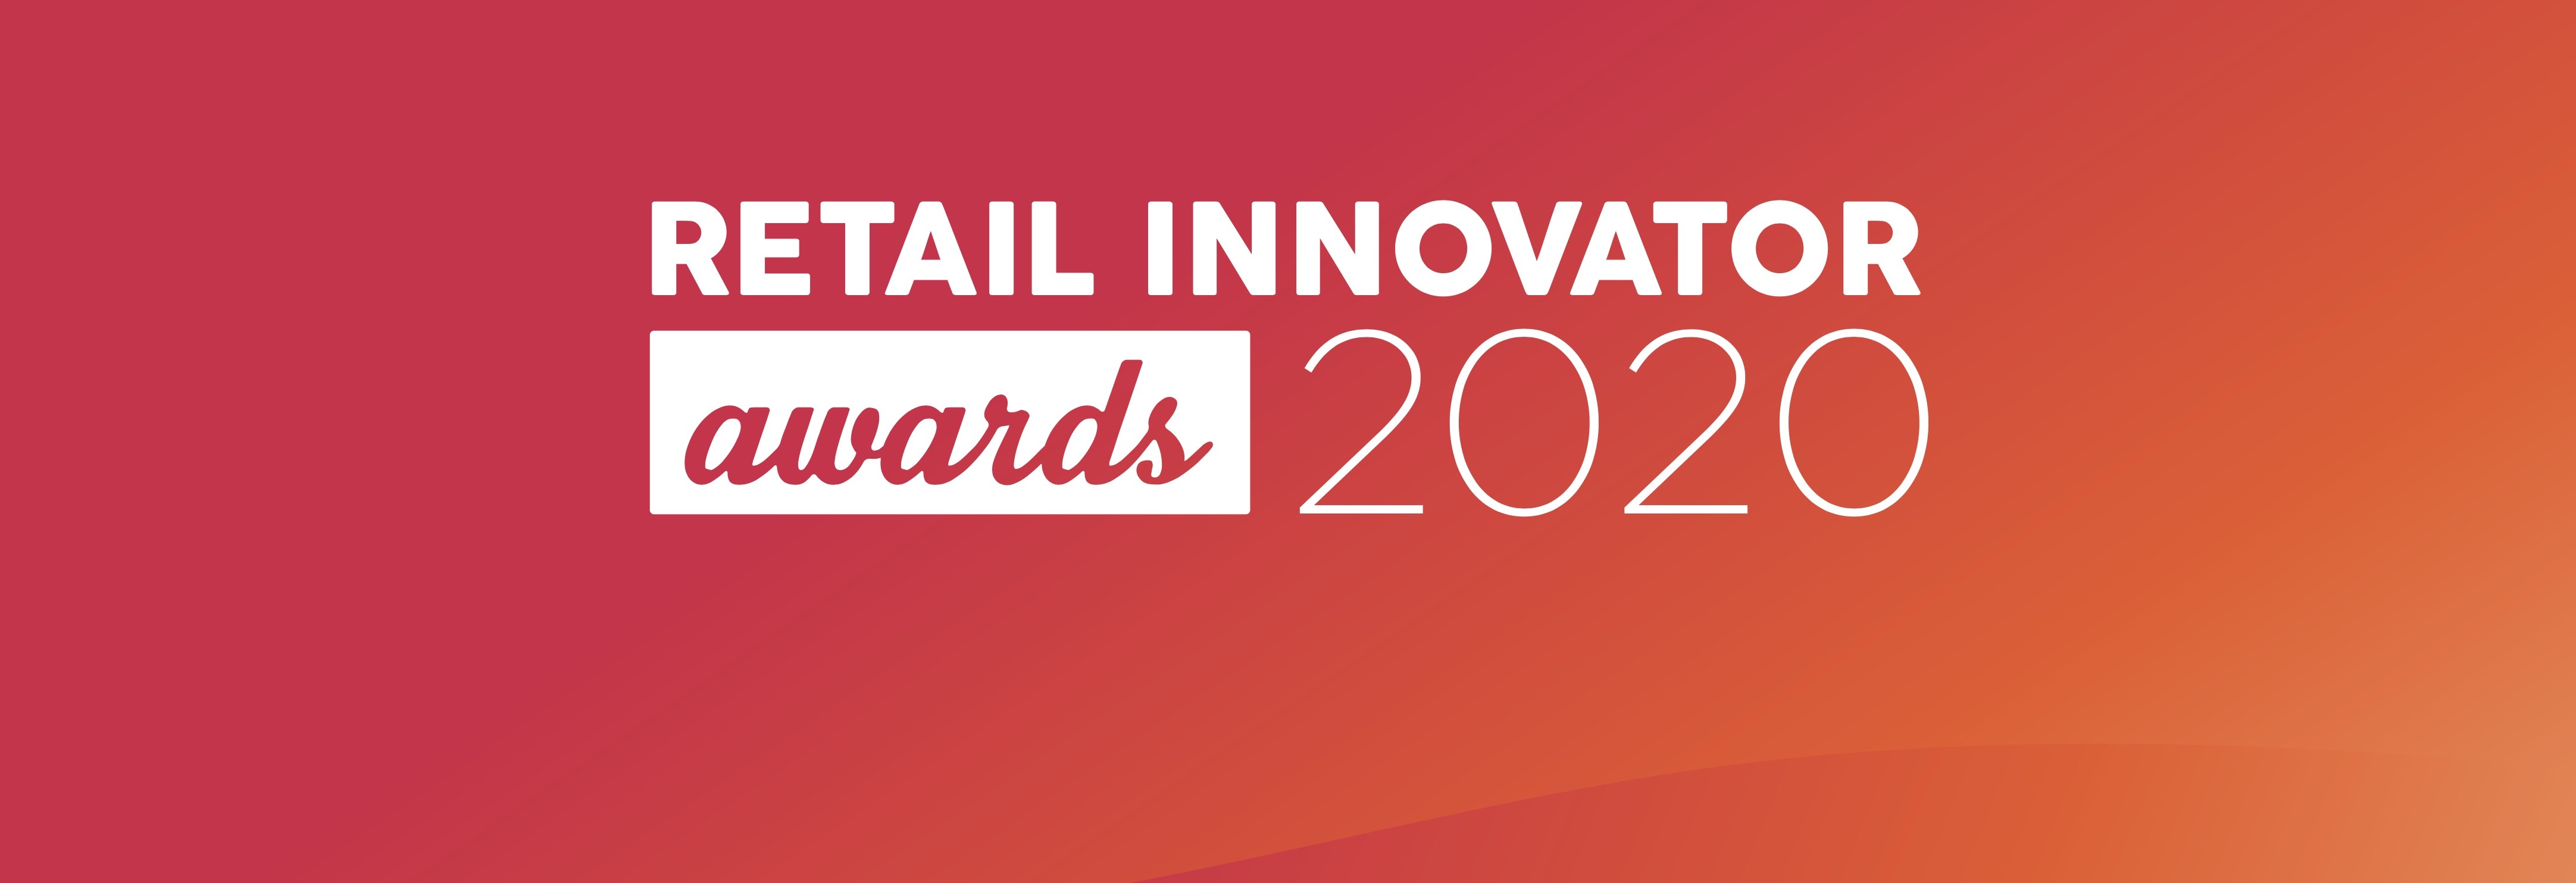 2020 Retail Innovator Awards